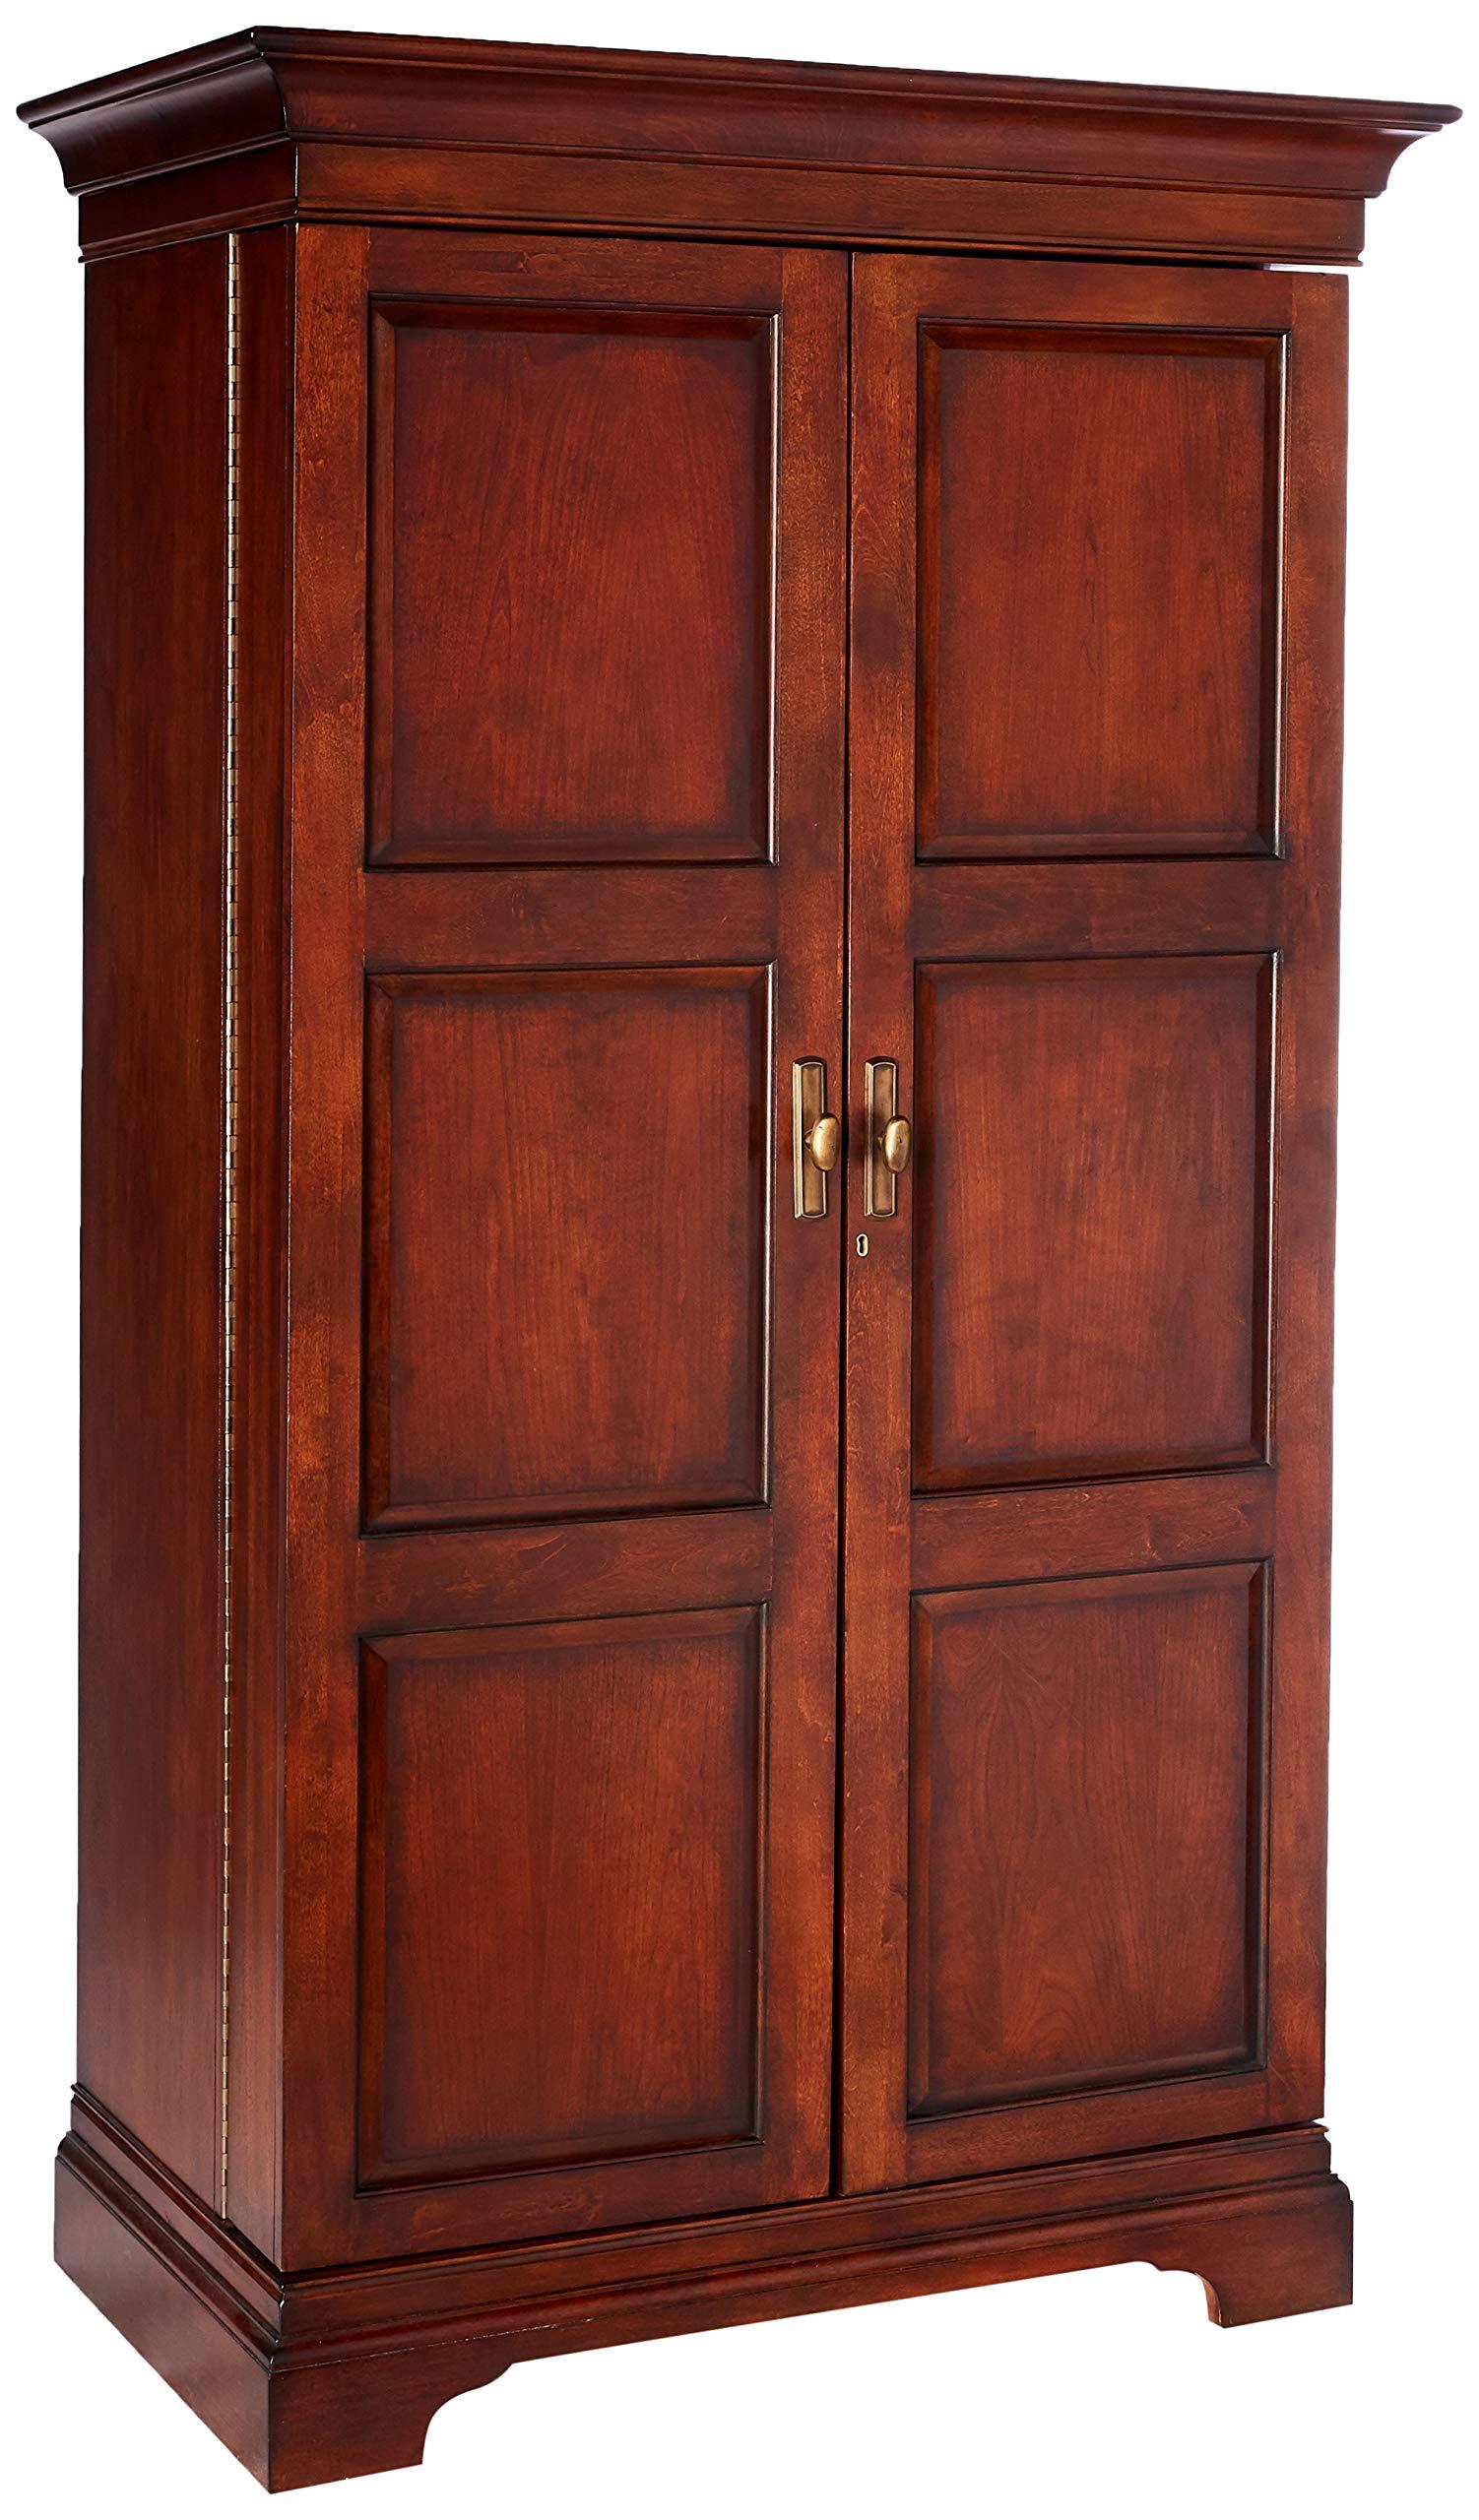 Howard Miller 695-064 Sonoma Hide-A-Bar Wine Cabinet by Howard Miller